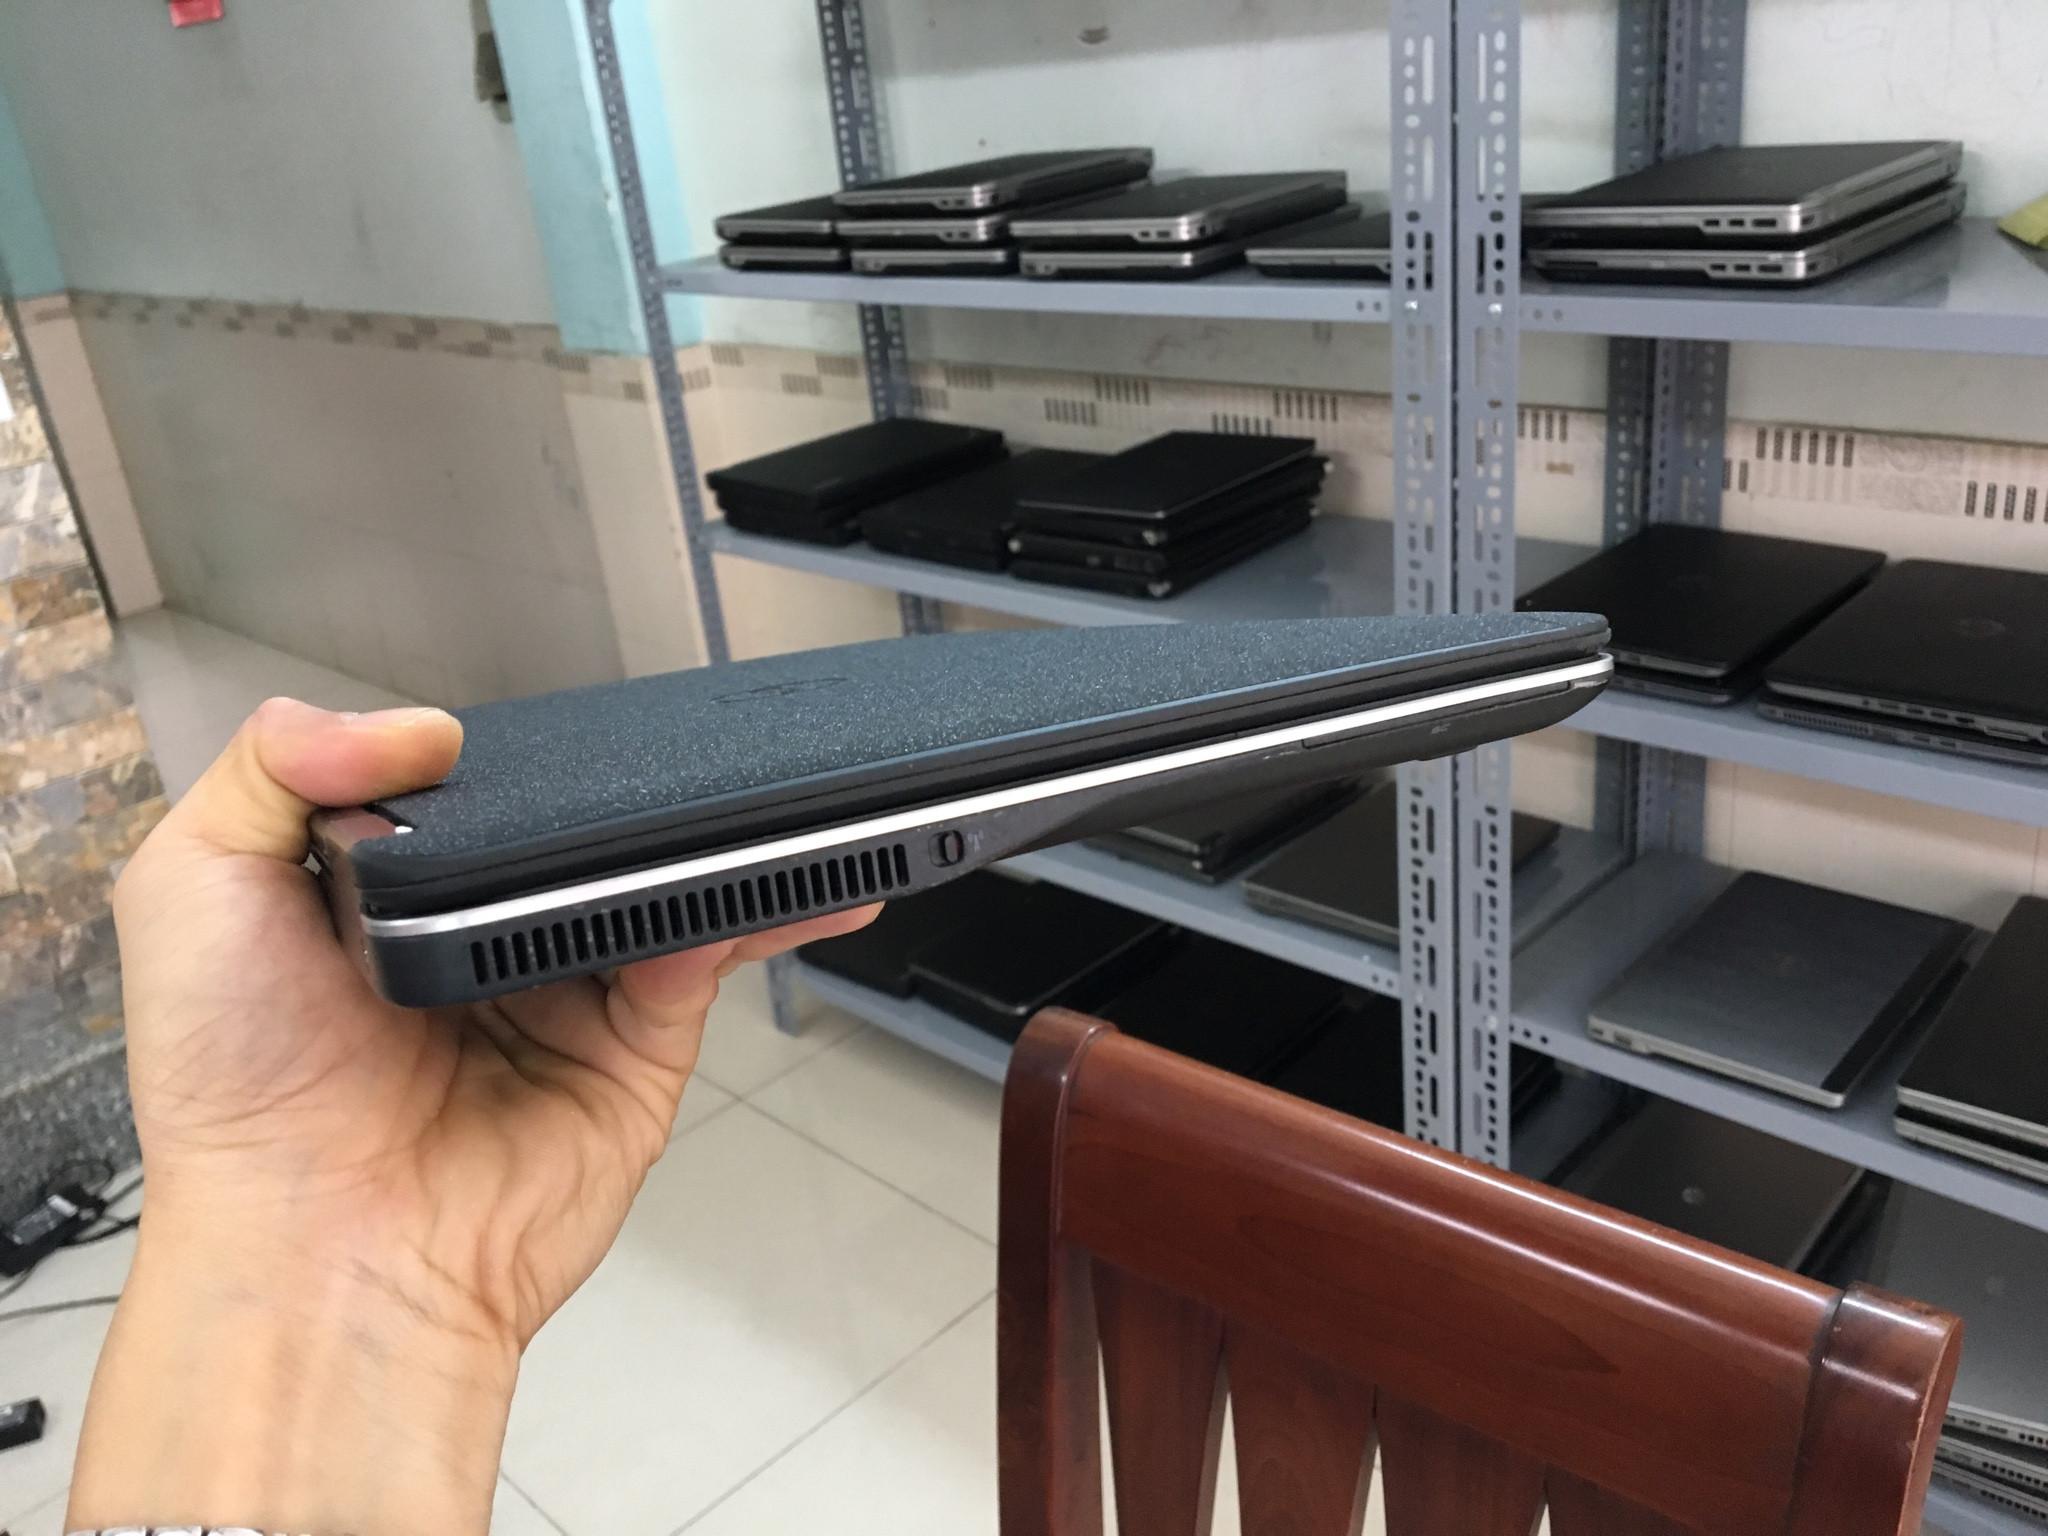 6 Thanh lý giá rẻ ultrabook dell latitude E7240 màn hình cảm ứng fullhd i7